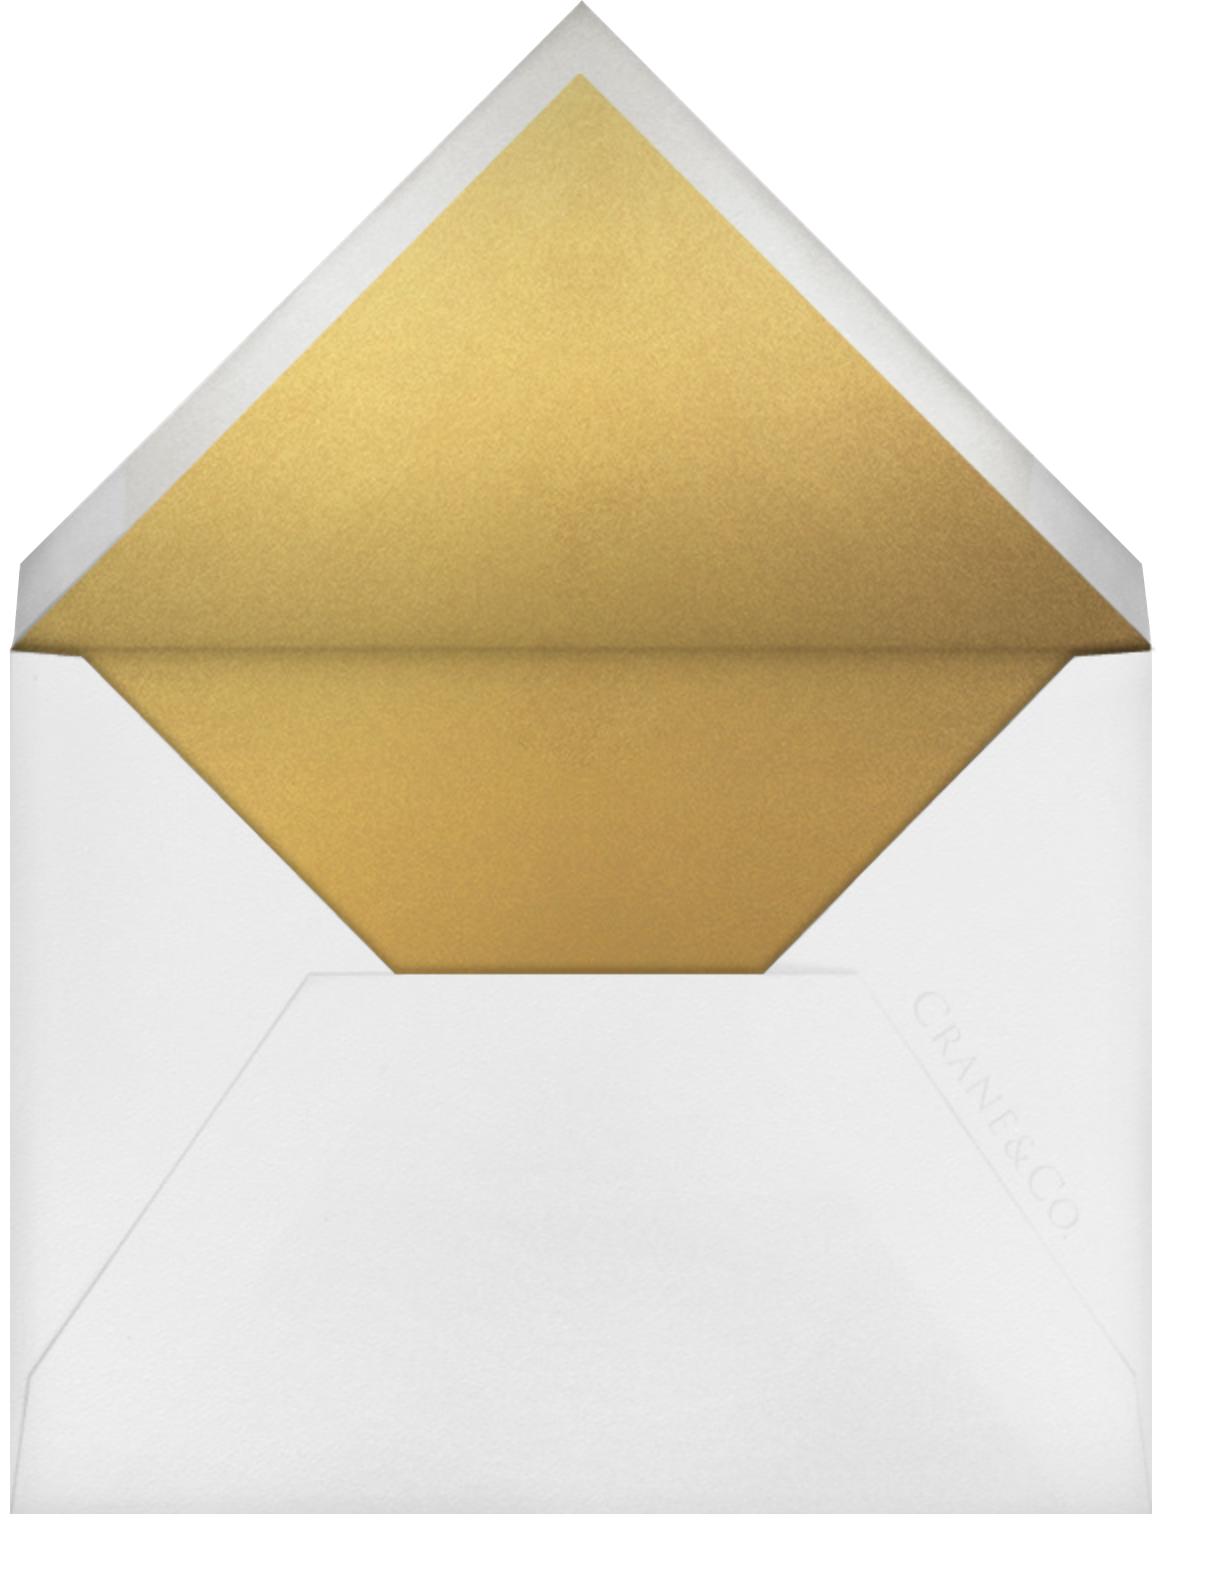 Bobbin I (Engagement) - Gold - Paperless Post - Holiday Favorites - envelope back